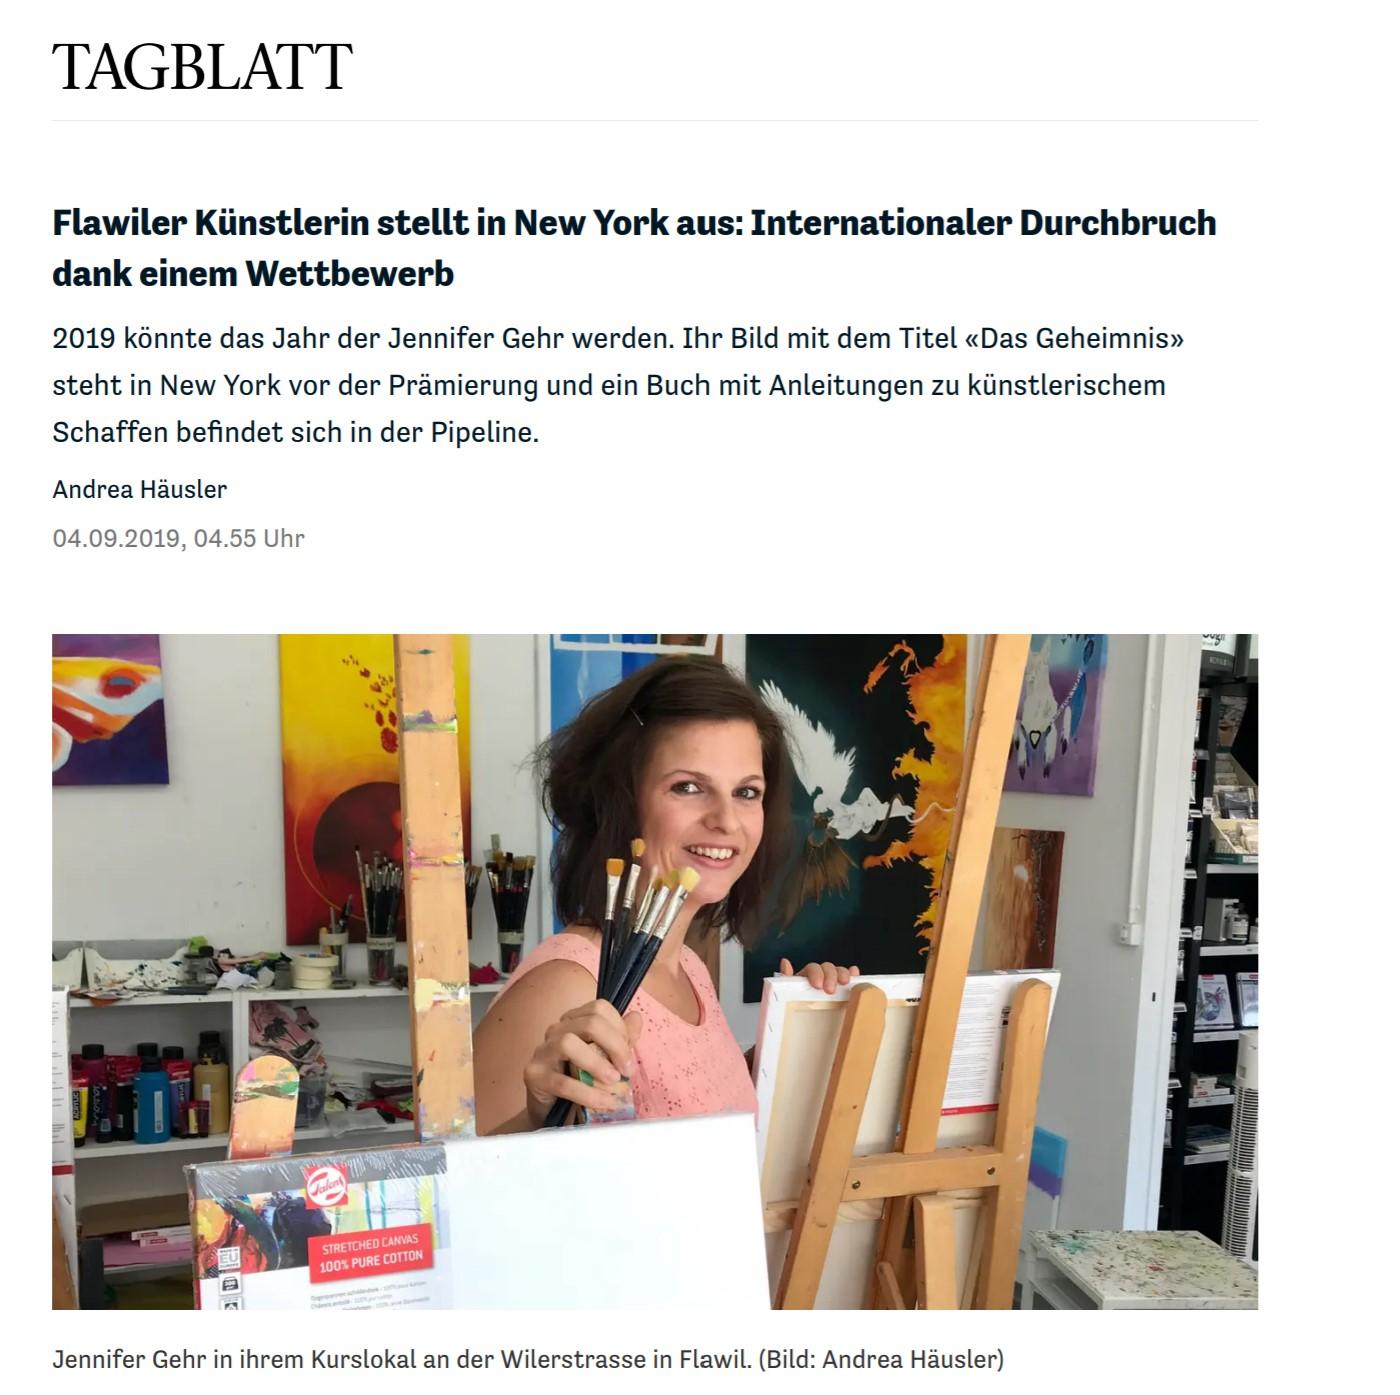 StGallerTagblattVorbericht